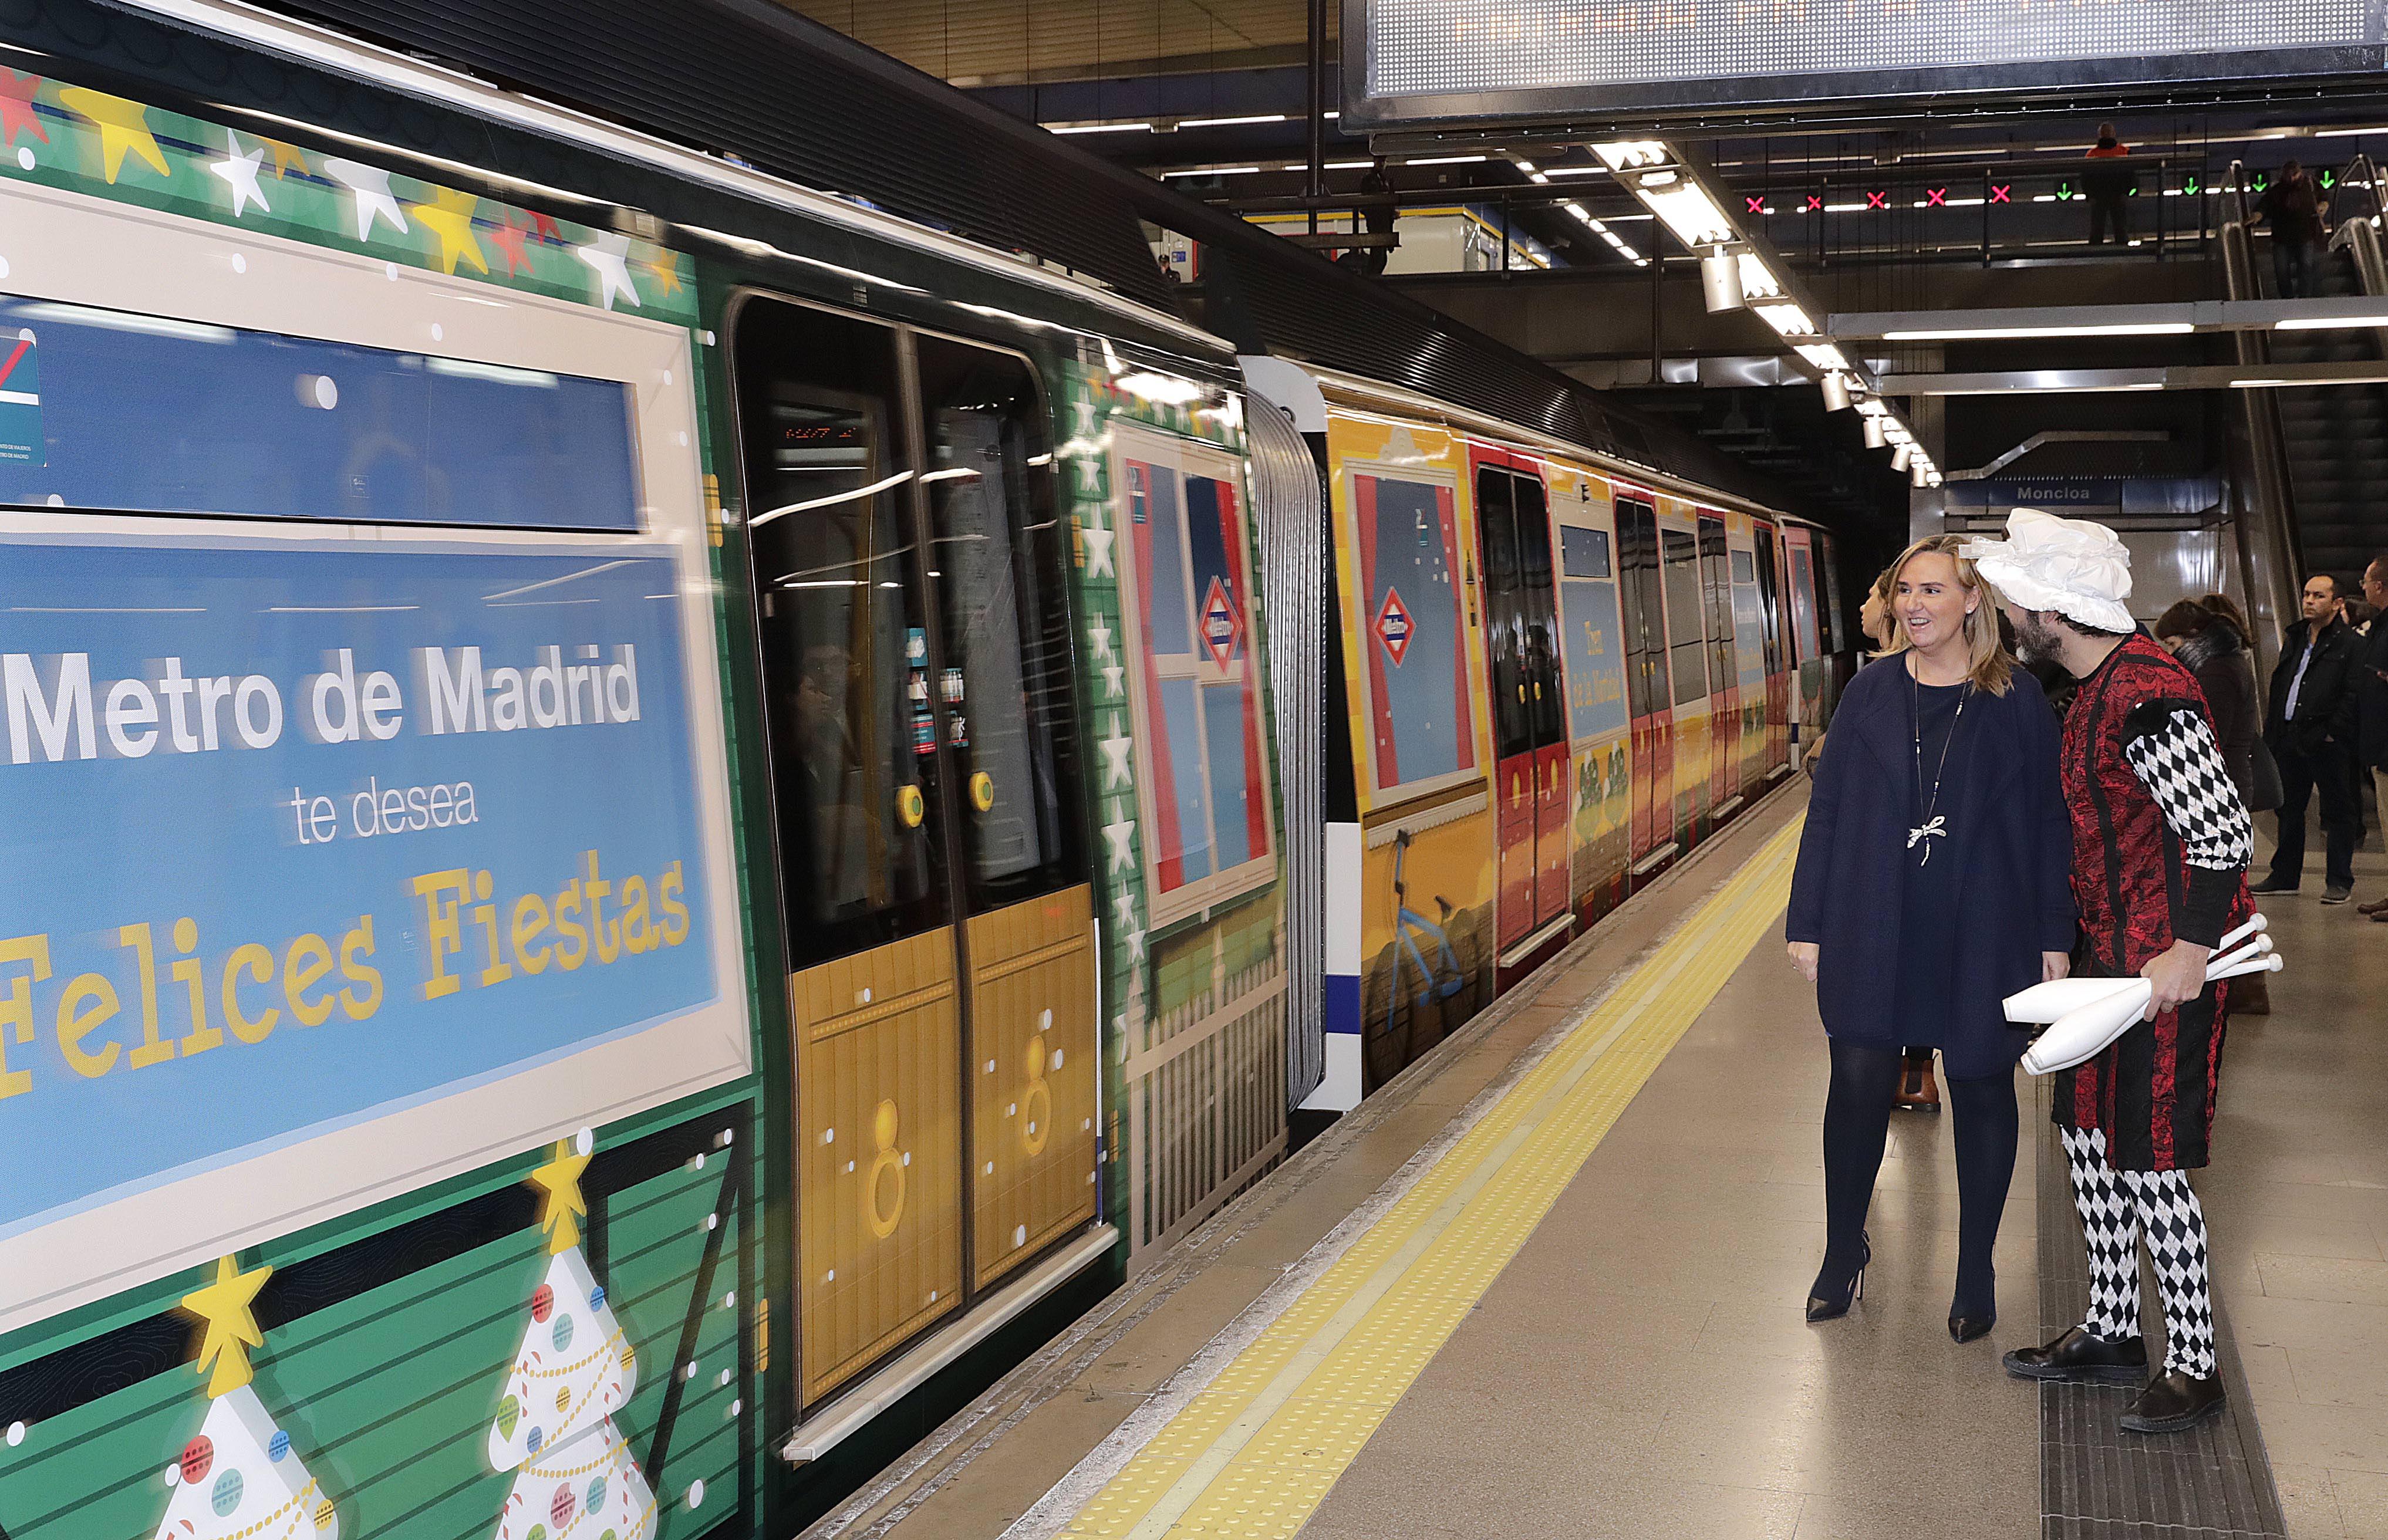 Tren navidad metro